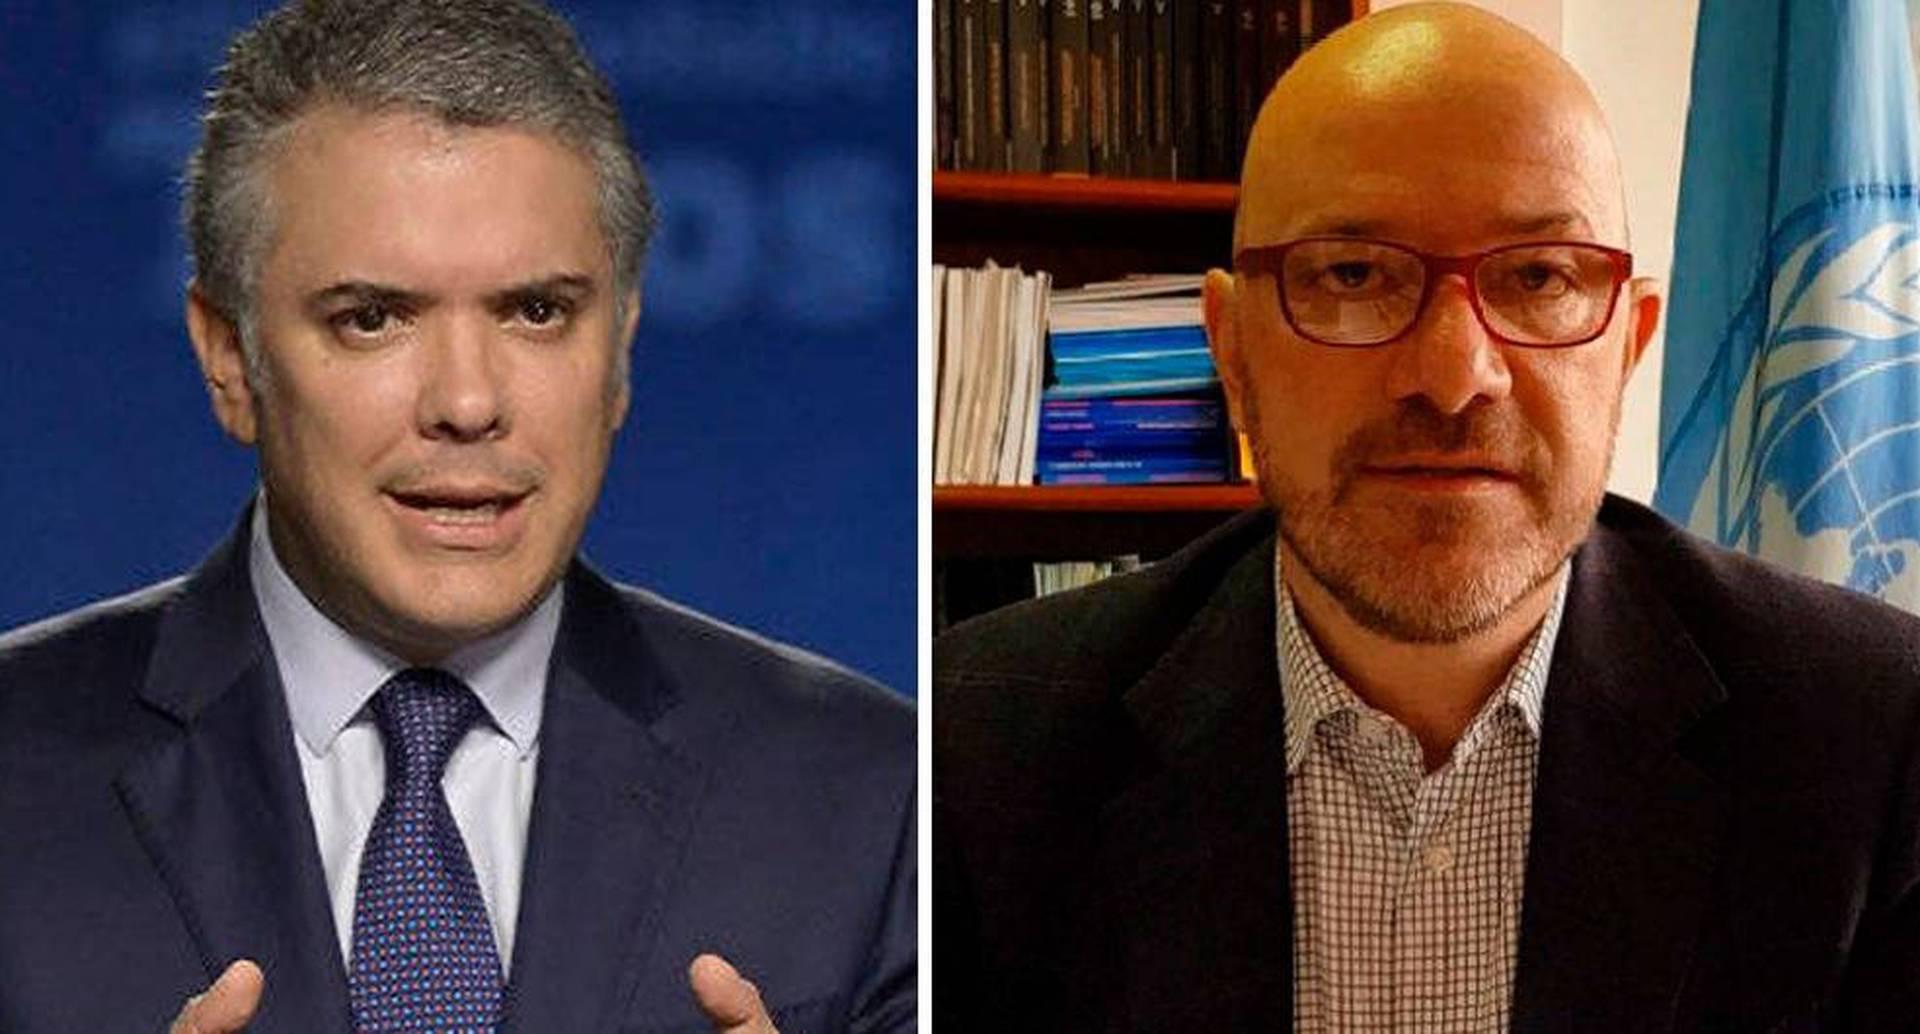 El presidente Duque y Alberto Brunori, representante en Colombia de la Oficina de Derechos Humanos de la ONU.